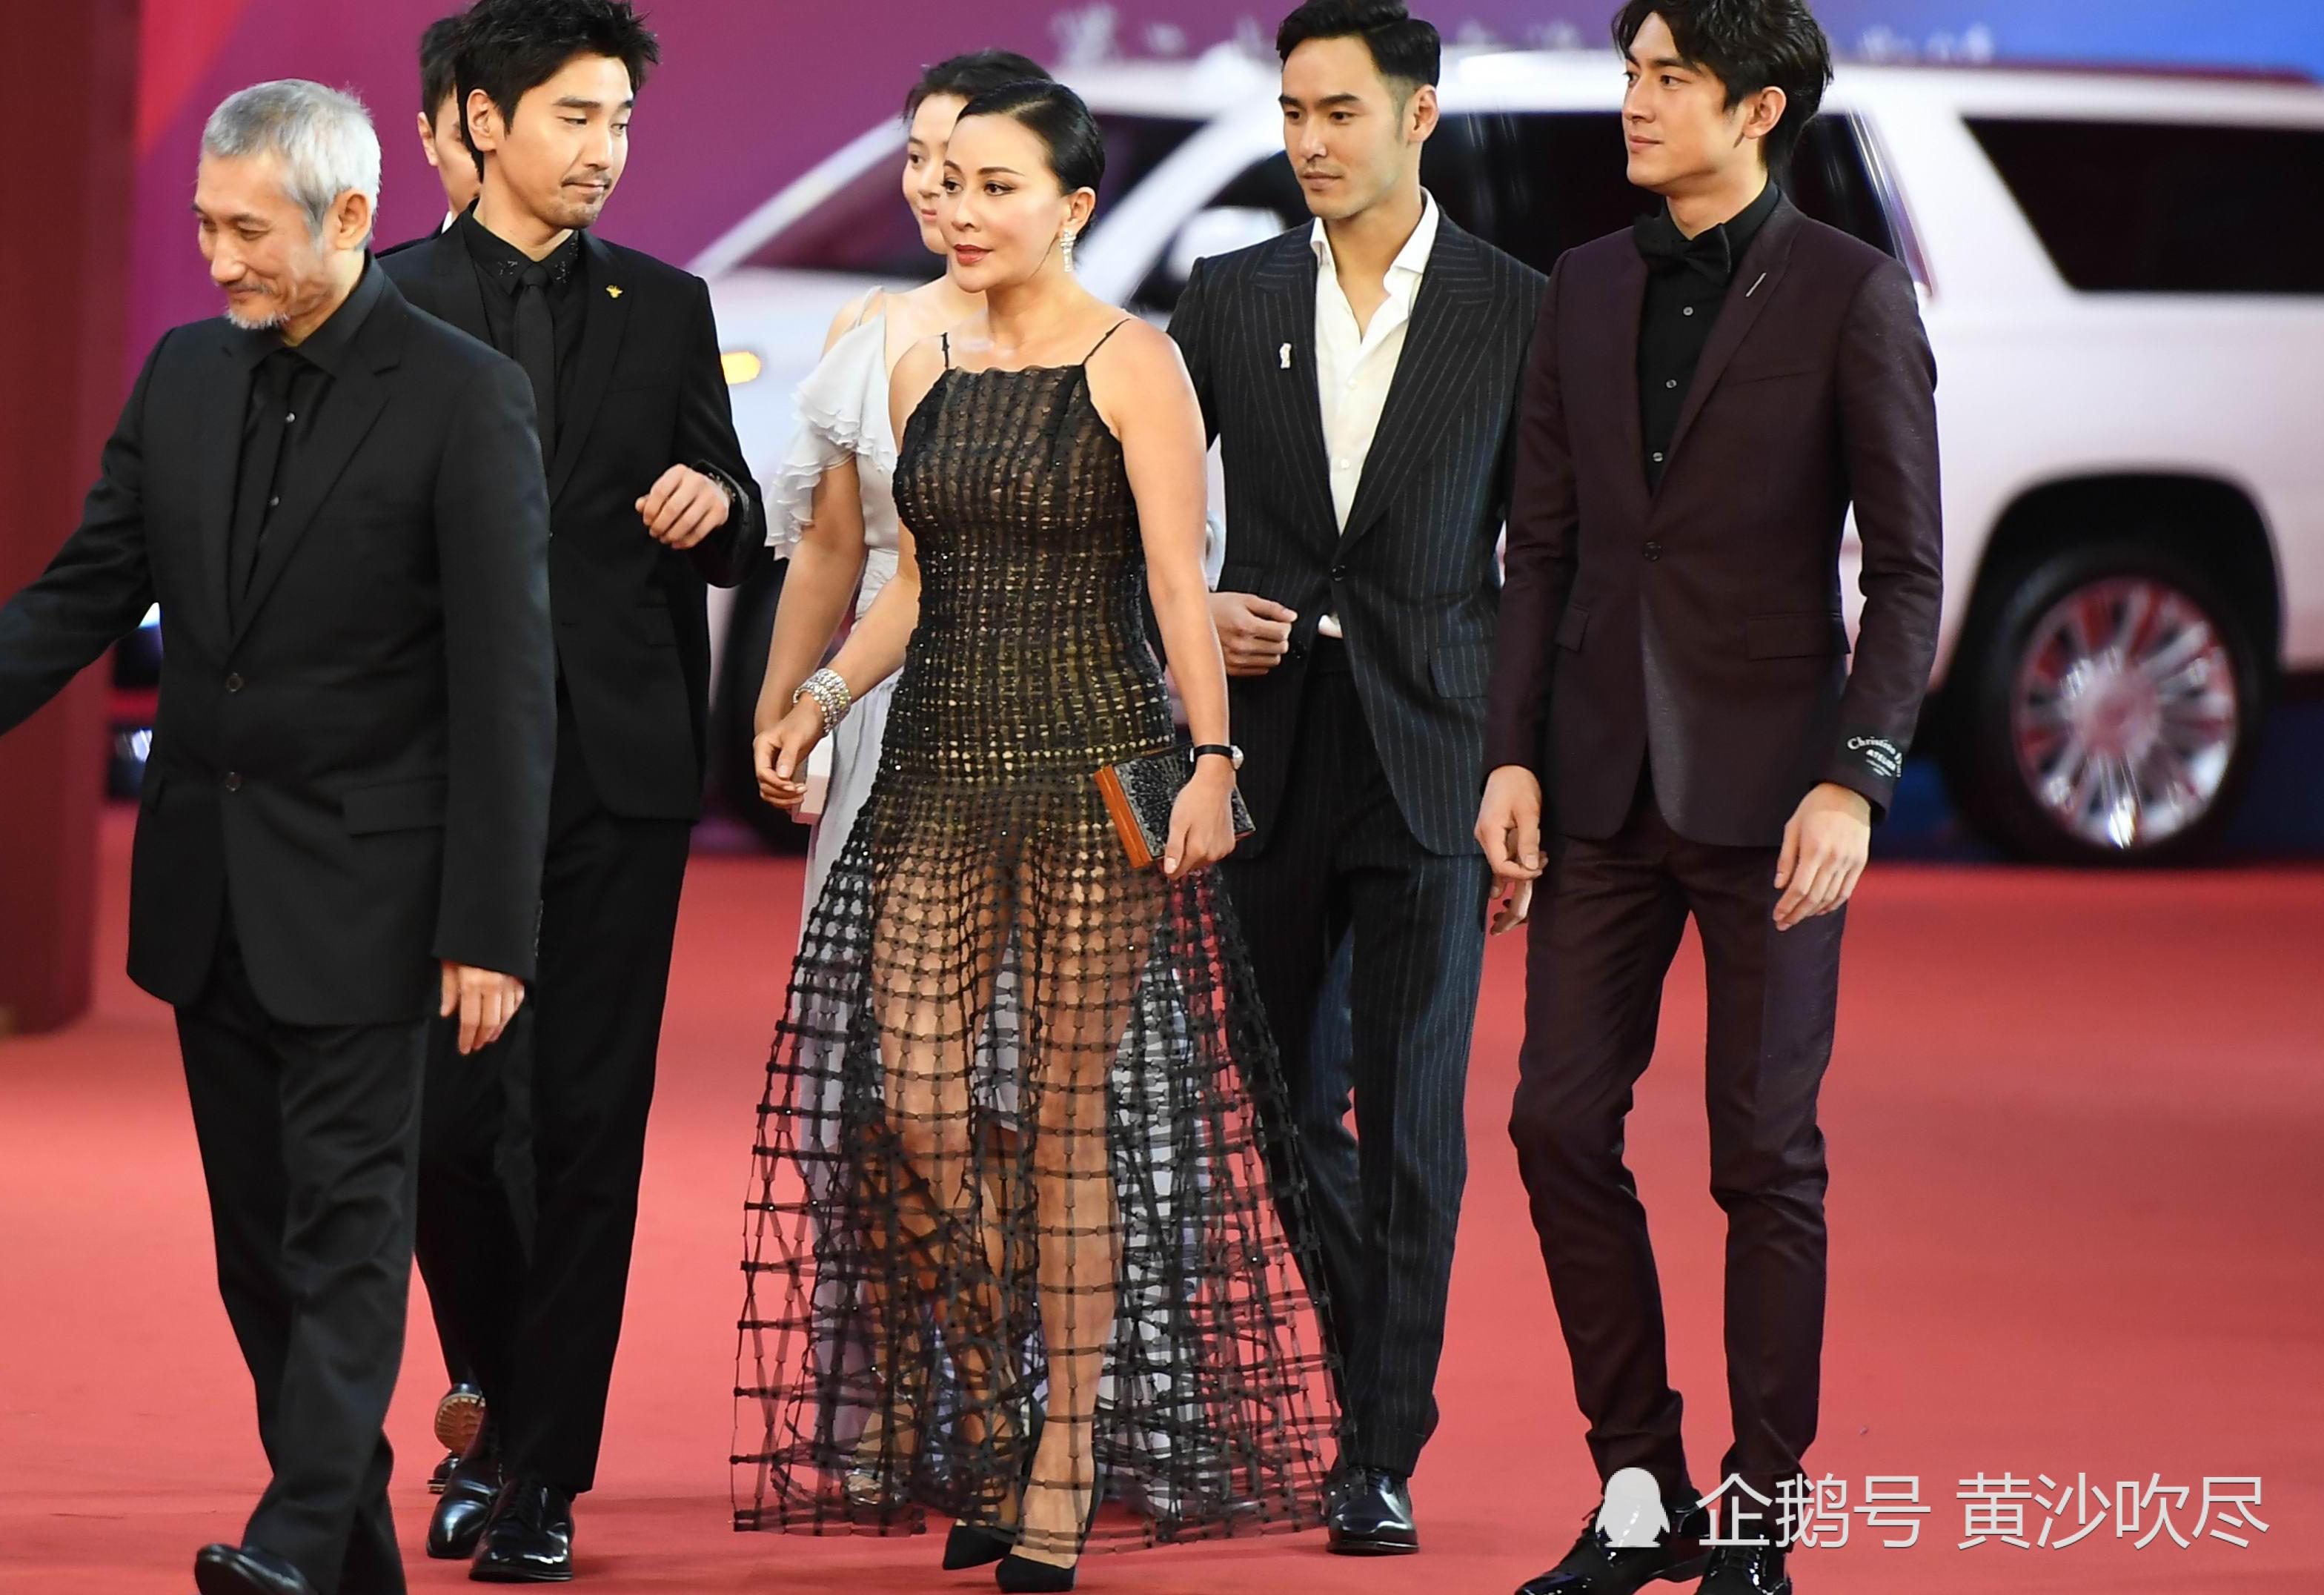 刘嘉玲这穿着走红毯 没第二个人敢穿